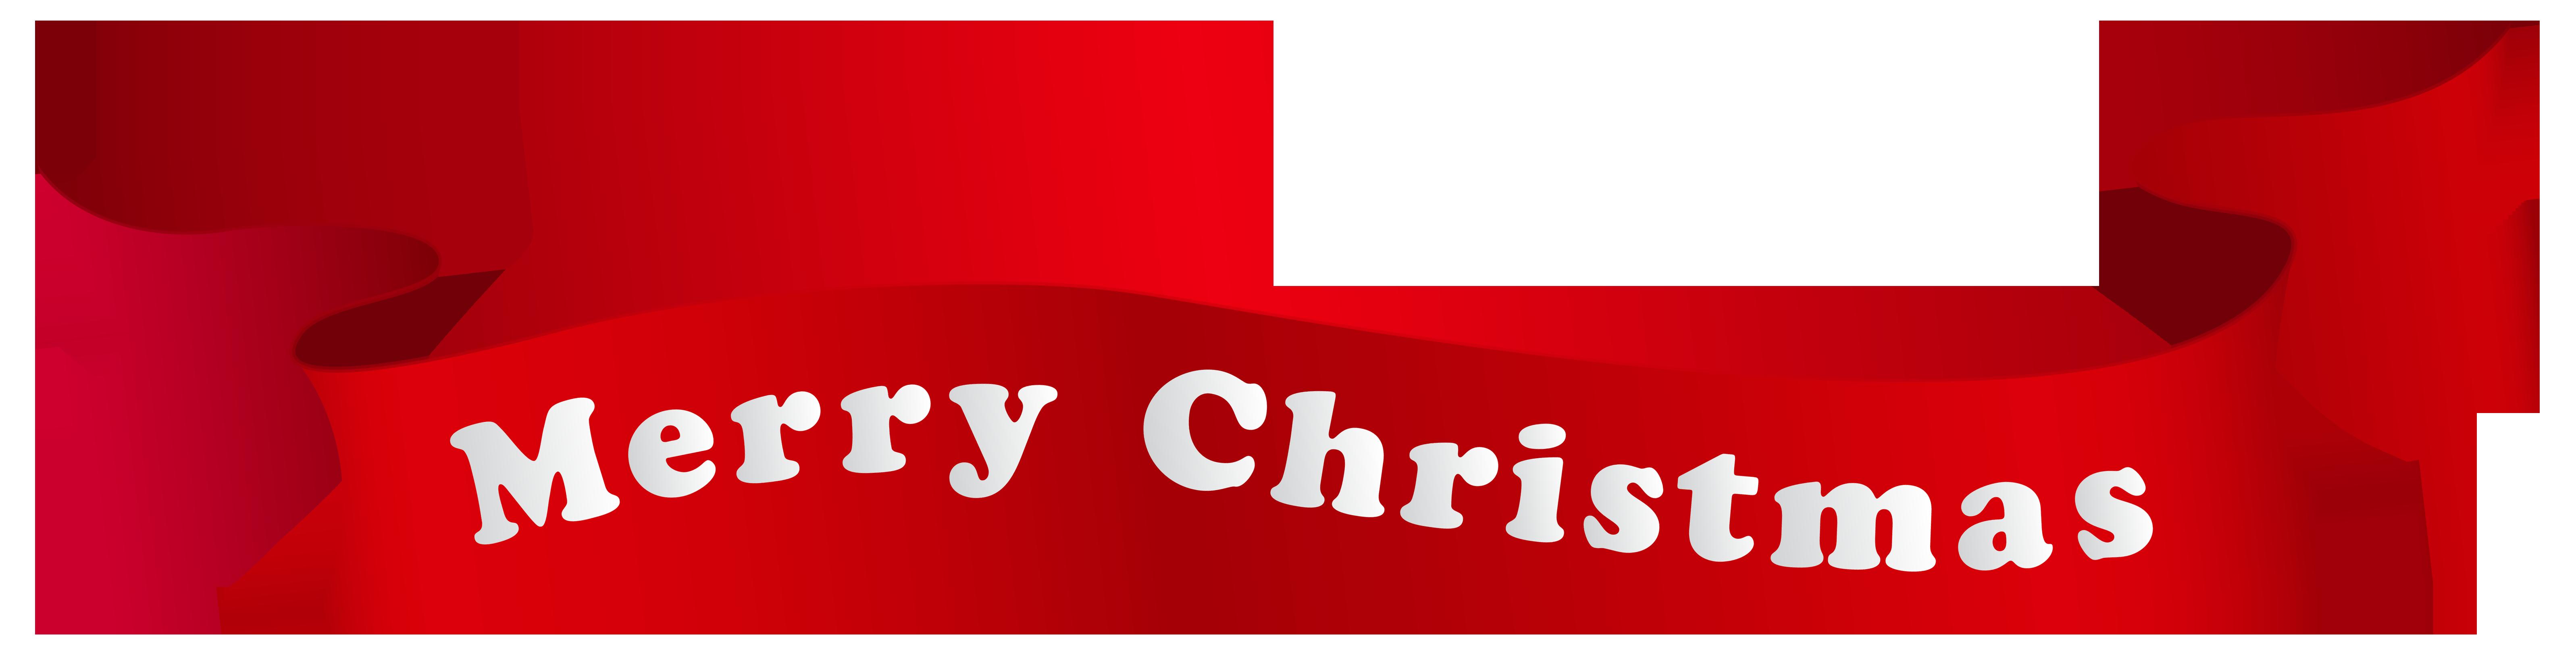 Santa banner